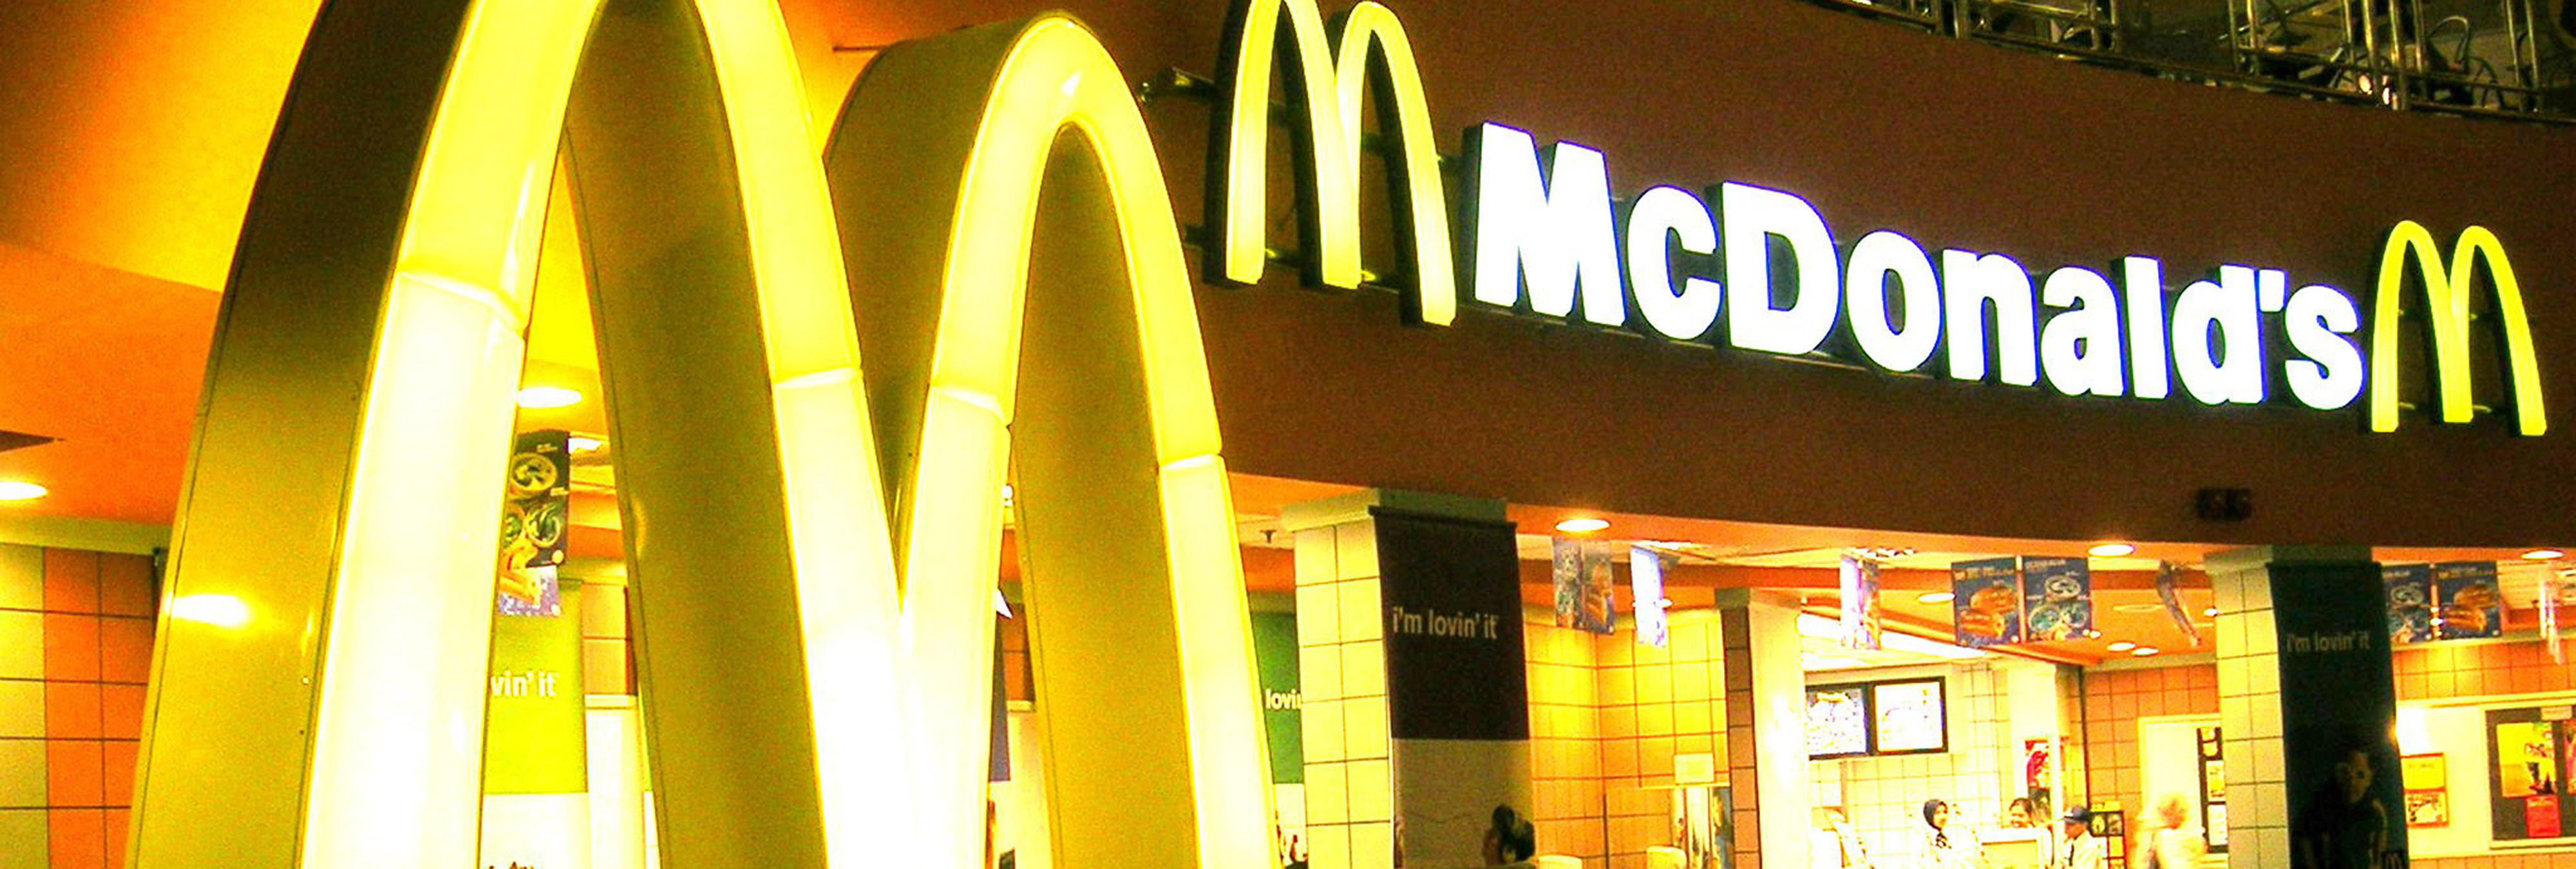 Una pareja de lesbianas son 'invitadas a irse' de un McDonald tras darse un beso en la mejilla